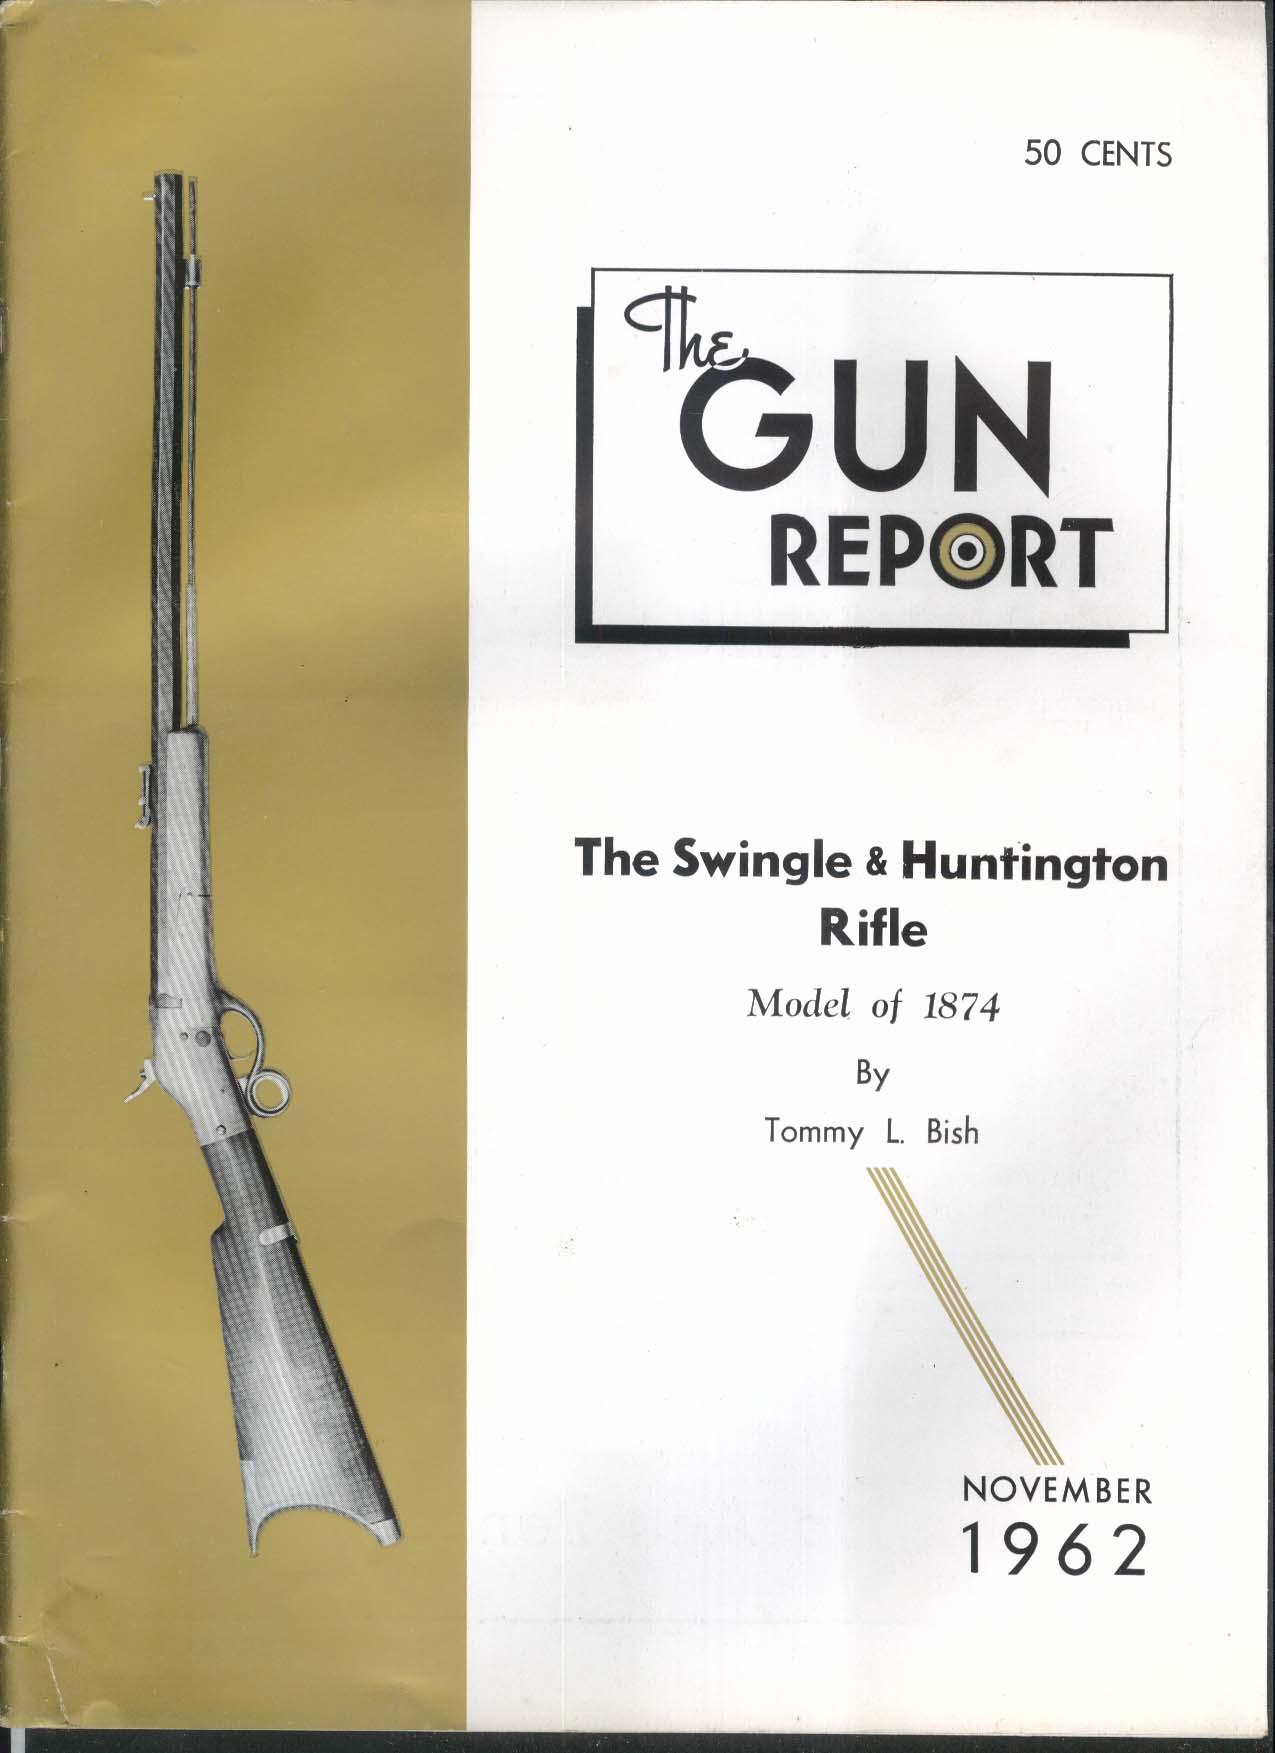 GUN REPORT Swingle & Huntington Rifle 1874 Remington Maxim .45 101 Colt 11 1962